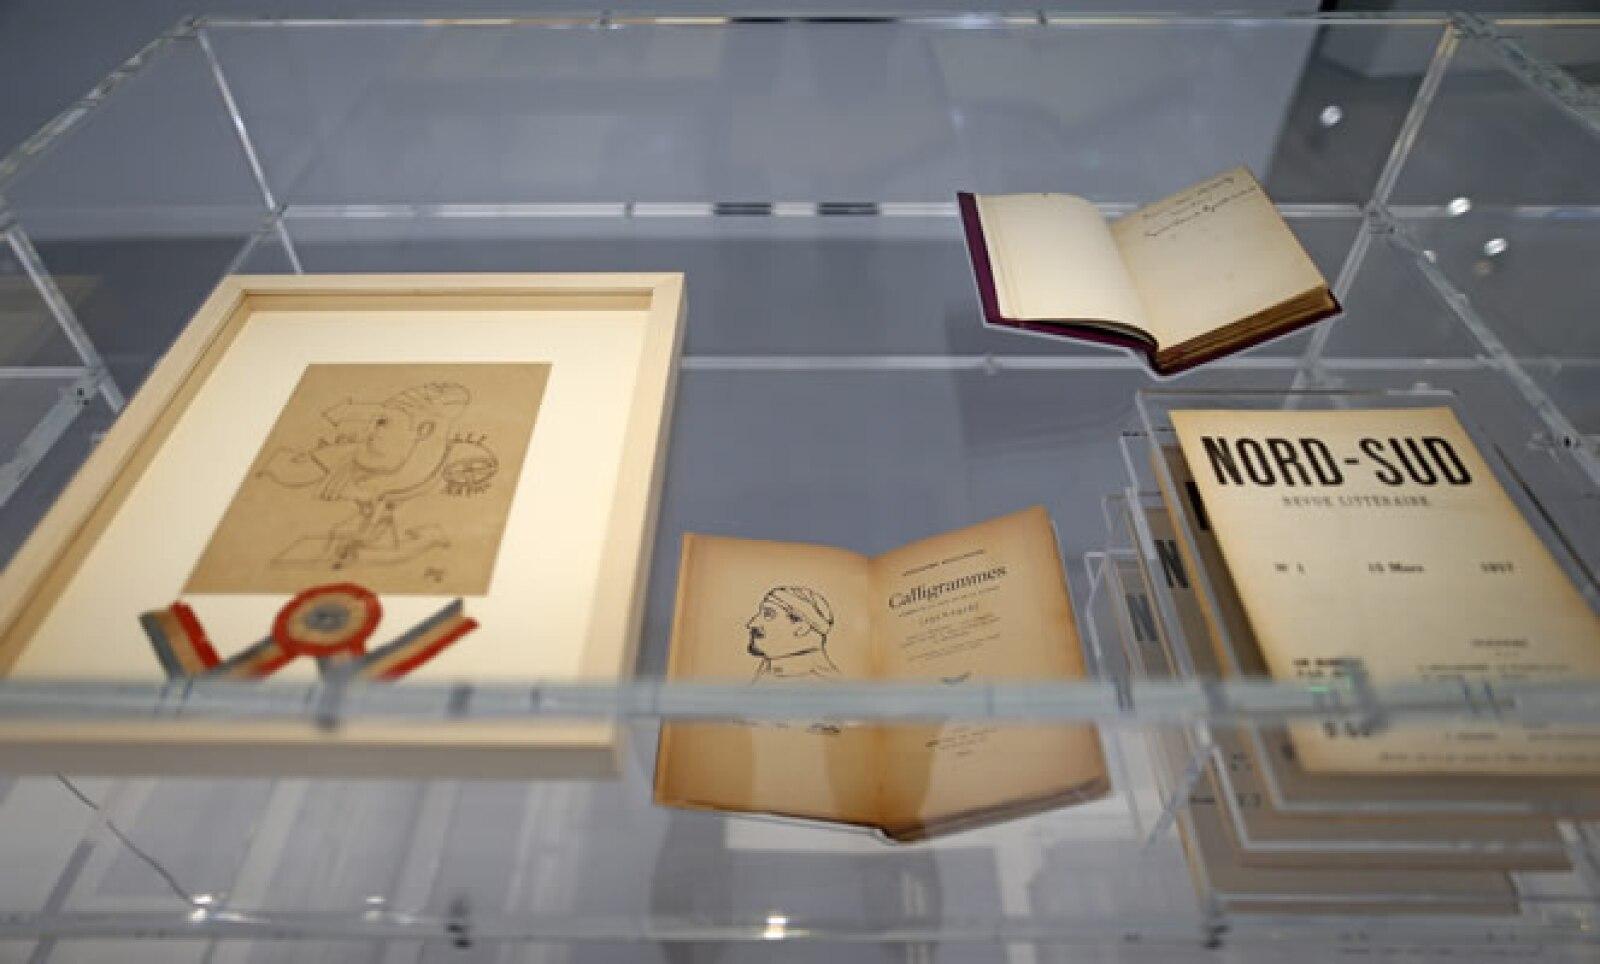 Dibujos de Pablo Picasso  y Jean Cocteau. Dalí y su esposa, Gala, vivieron cuatro meses durante 1938 en la casa de la diseñadora Gabrielle Chanel.